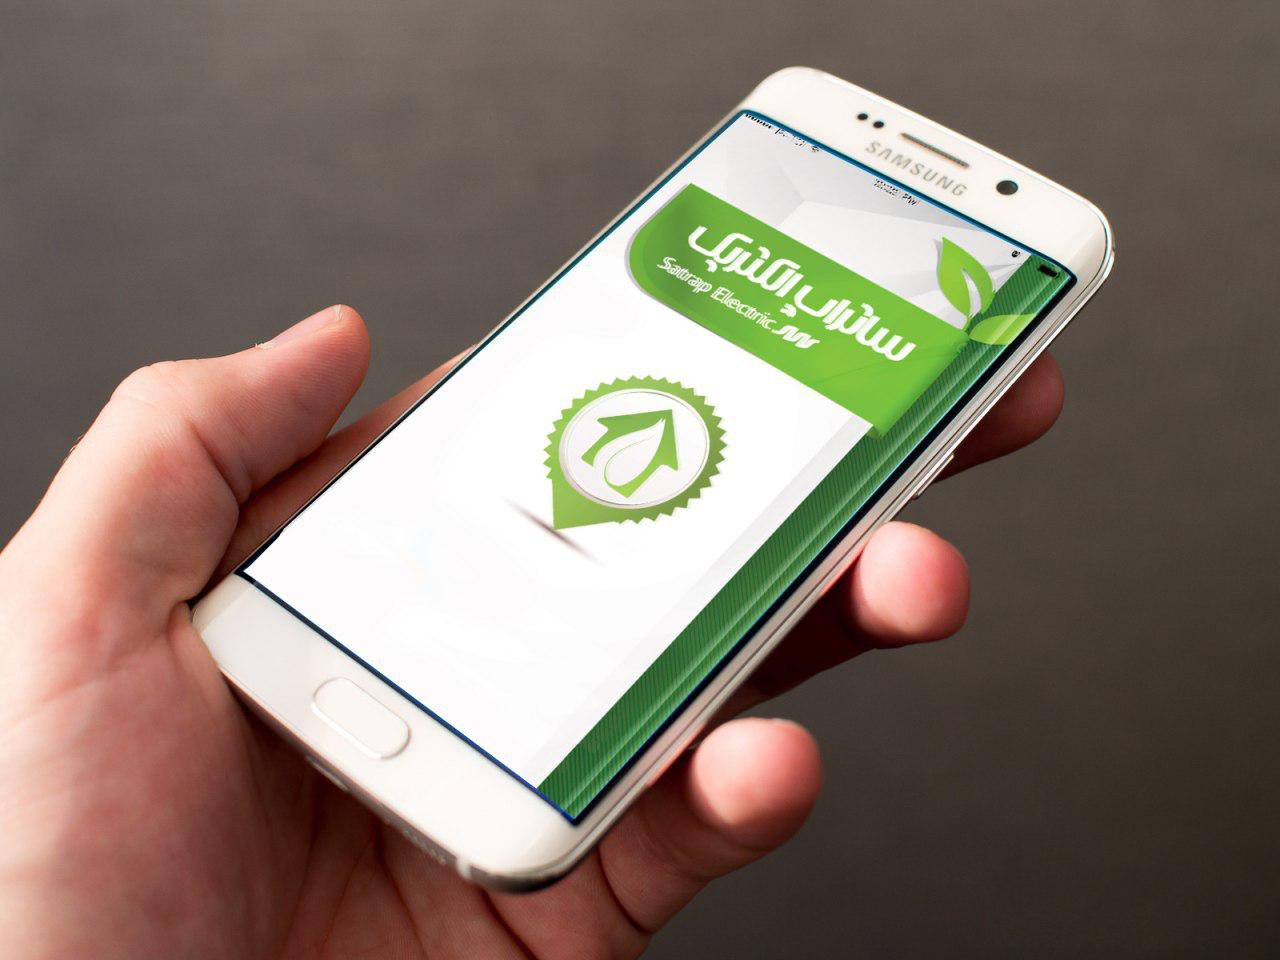 نرم افزار موبایل برای گلخانه هوشمند